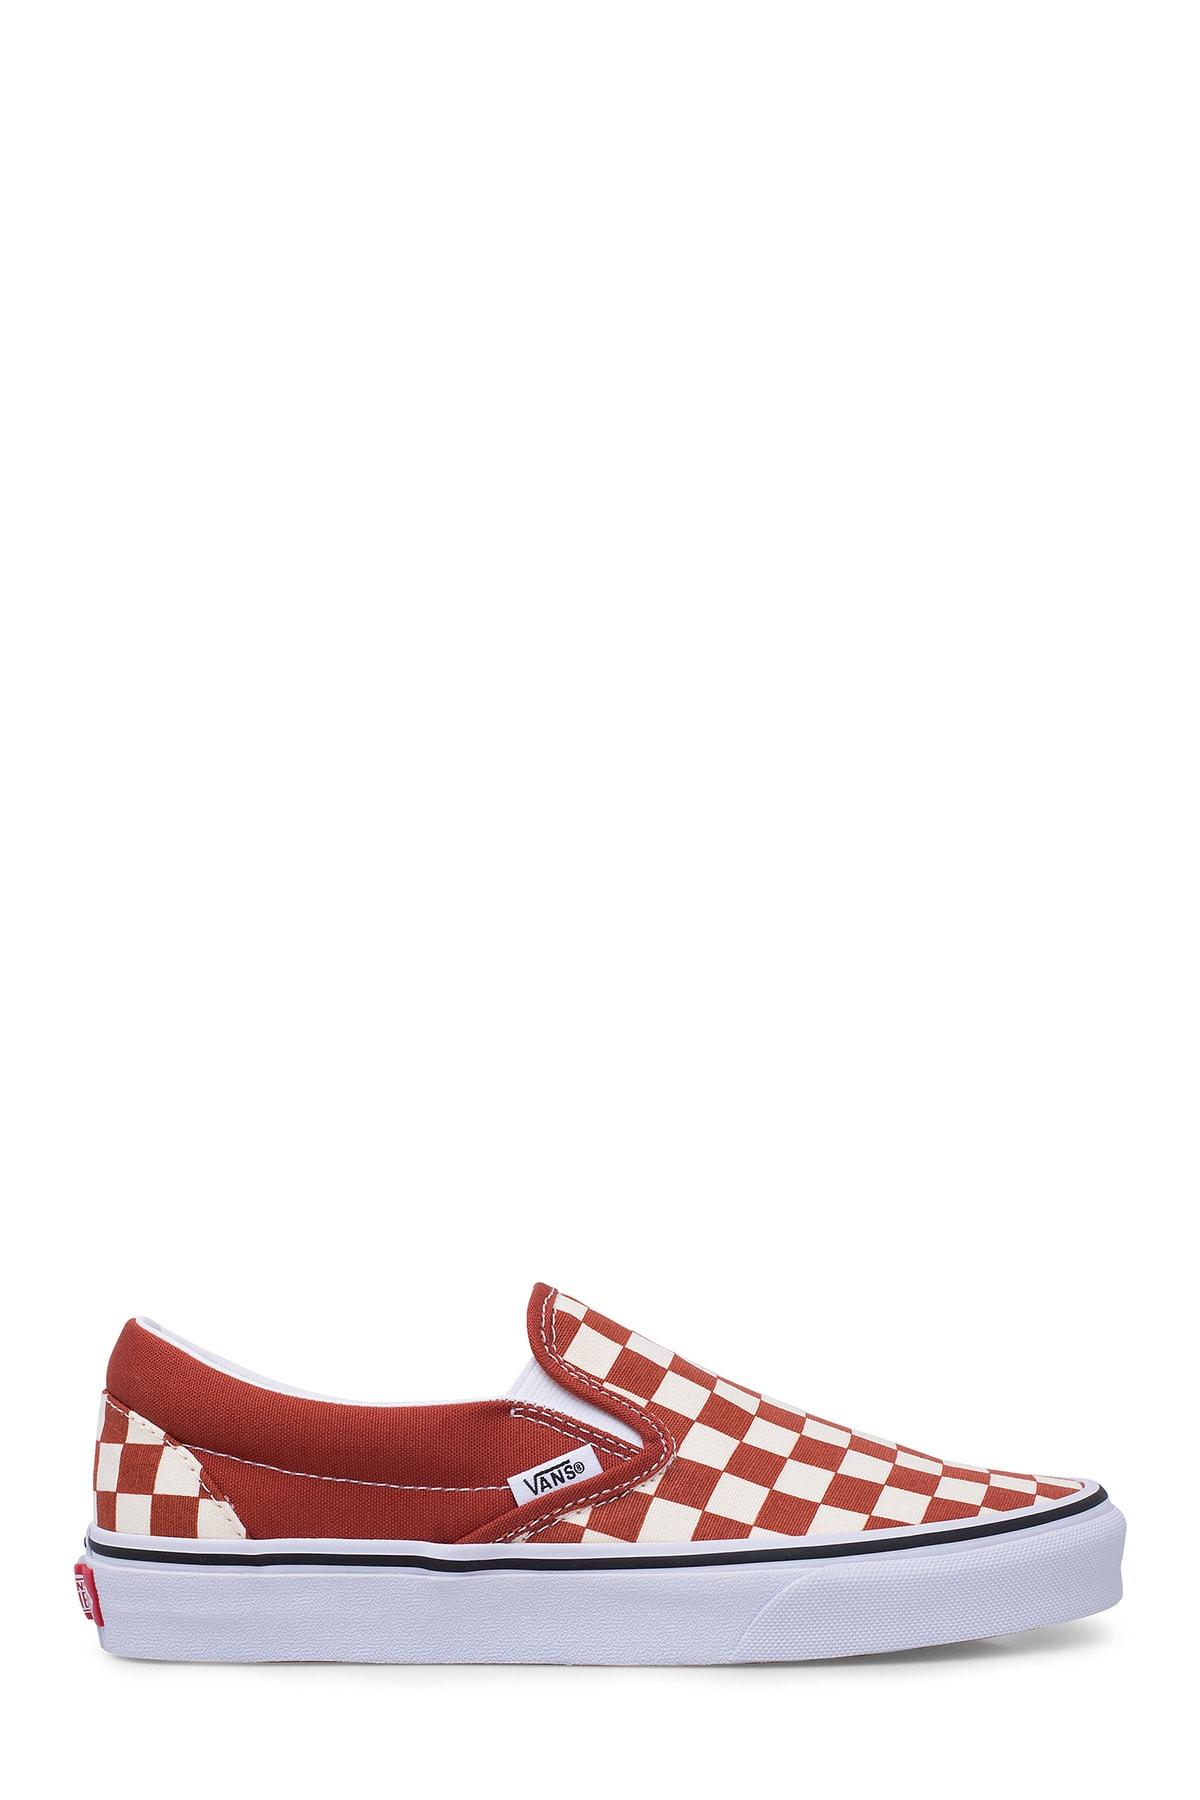 Vans UA CLASSIC SLIP-ON Tarçın Erkek Slip On Ayakkabı 100583584 1